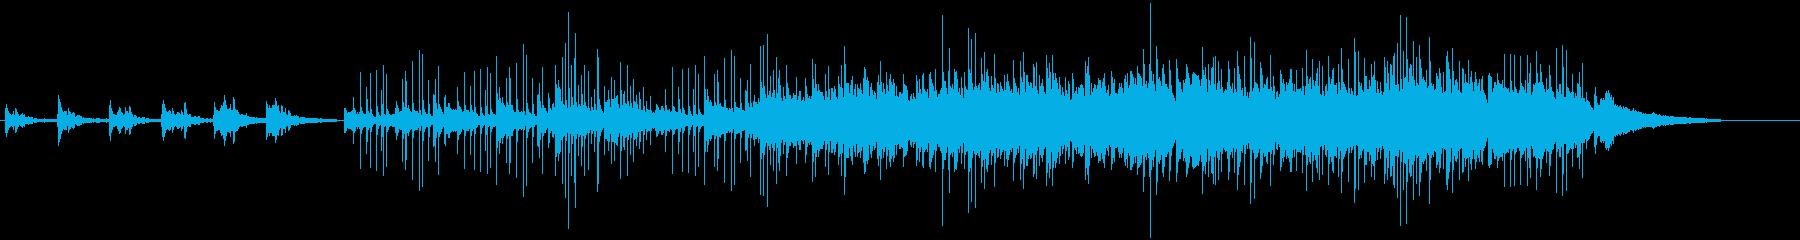 瞑想的な三味線の再生済みの波形